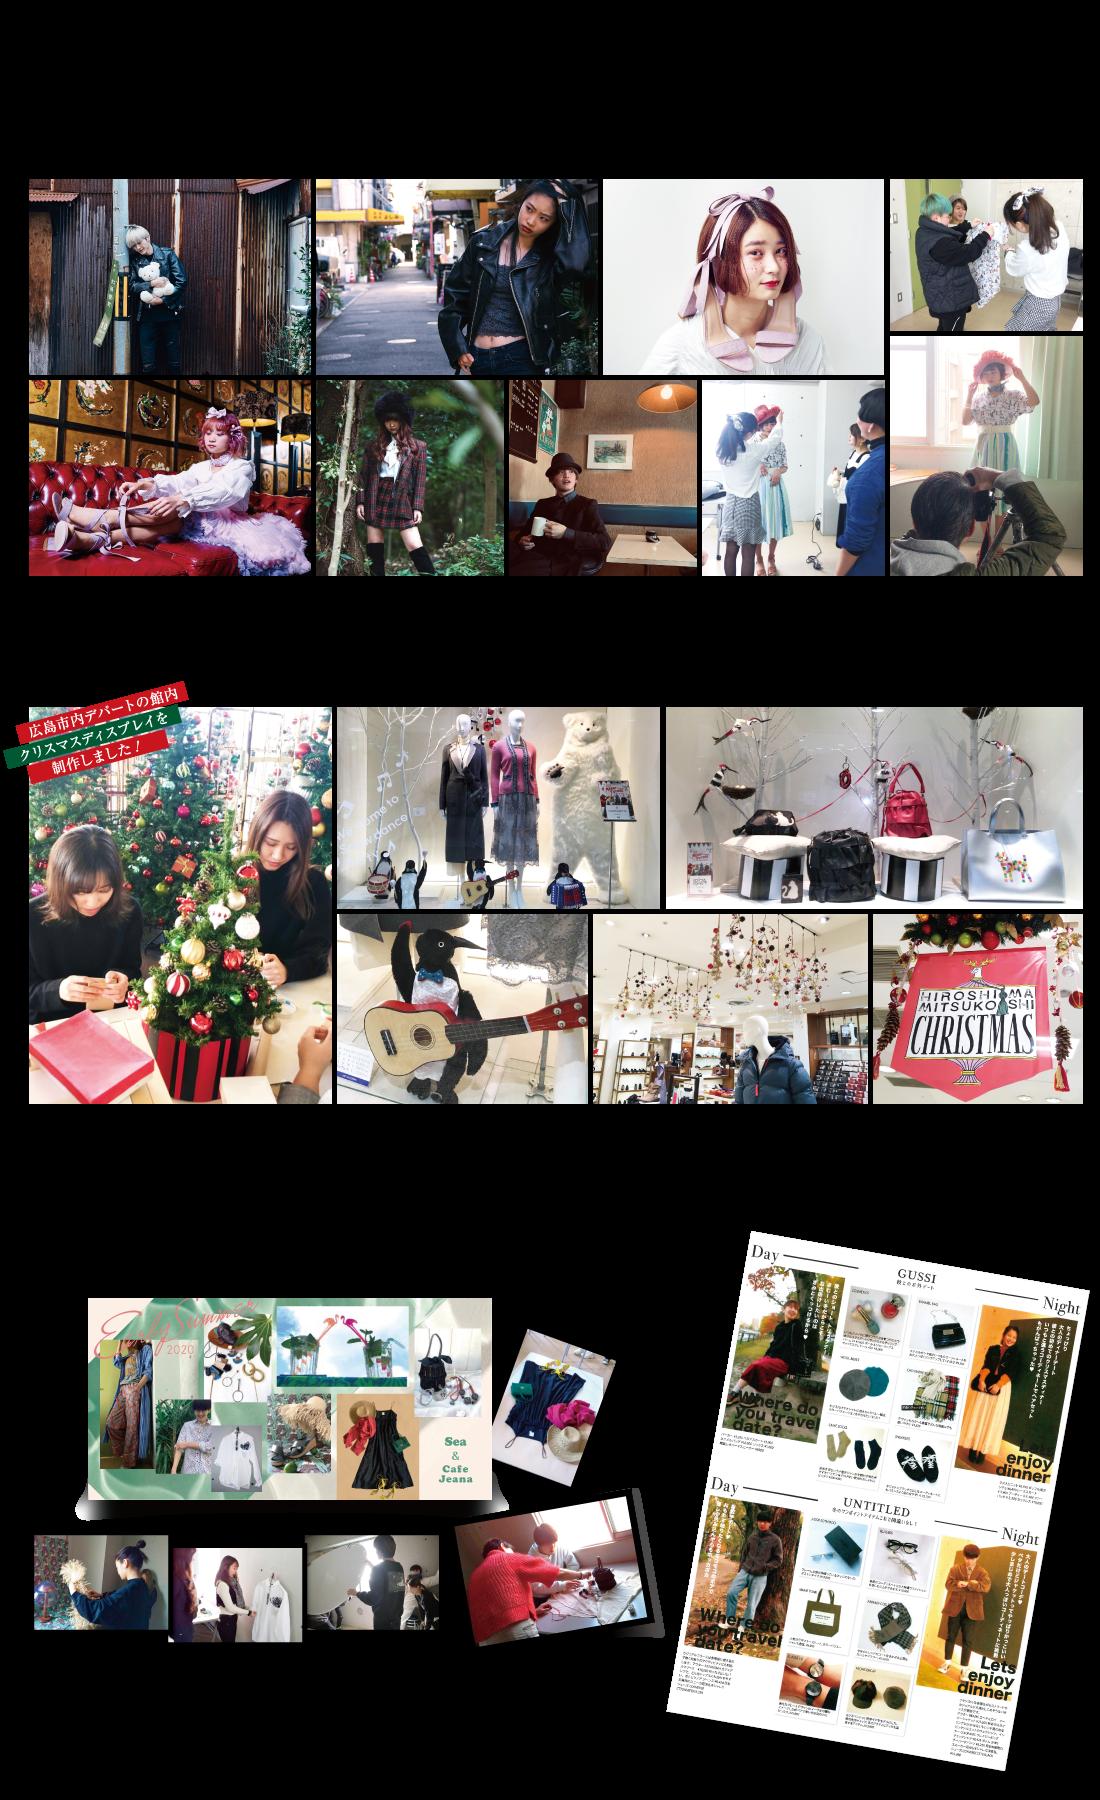 FACO(ファッションコーディネート)|スタイリング実習|プロのスタイリストからスタイリングや商品の扱い方を学びます。|ディスプレイ実習|デパートやショッピングモールに実際に展示されるディスプレイを制作します。|スチール撮影実習|プロのカメラマンを招いてテーマに沿ったスチール撮影を行いながら、魅力的な商品写真の撮影テクニックを学びます。